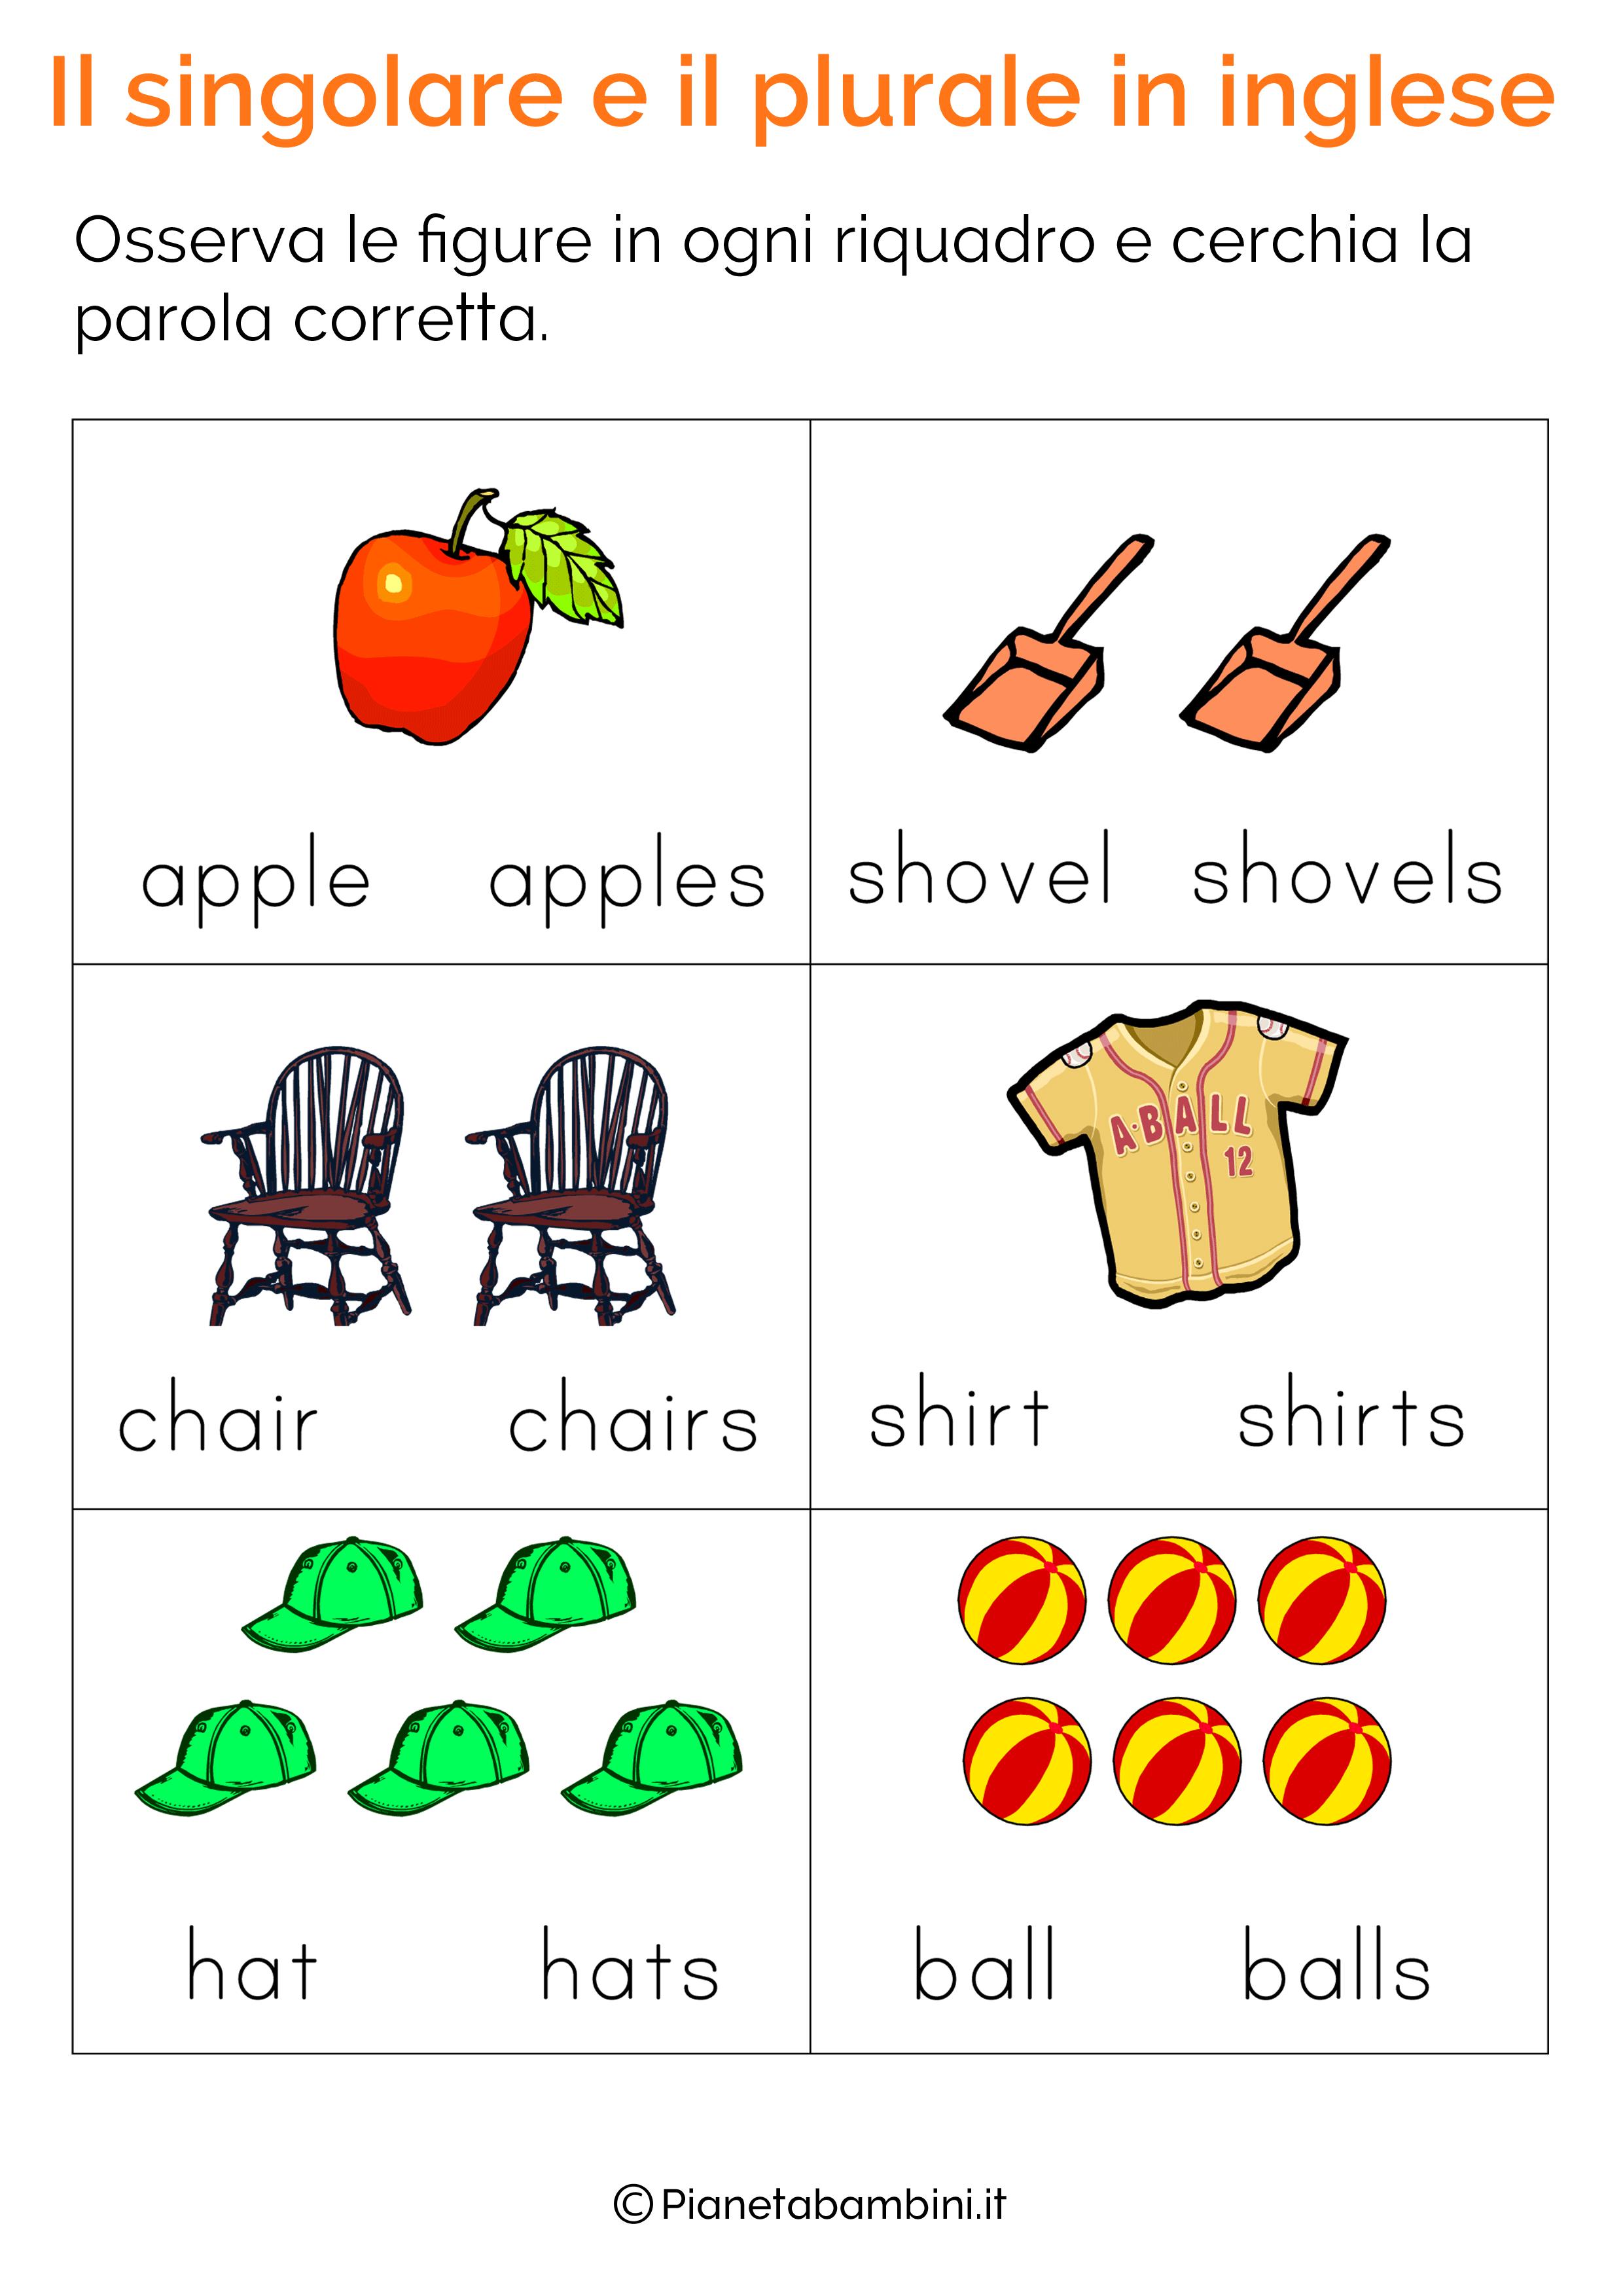 Esercizi Sul Singolare E Plurale In Inglese Per Bambini Da Stampare